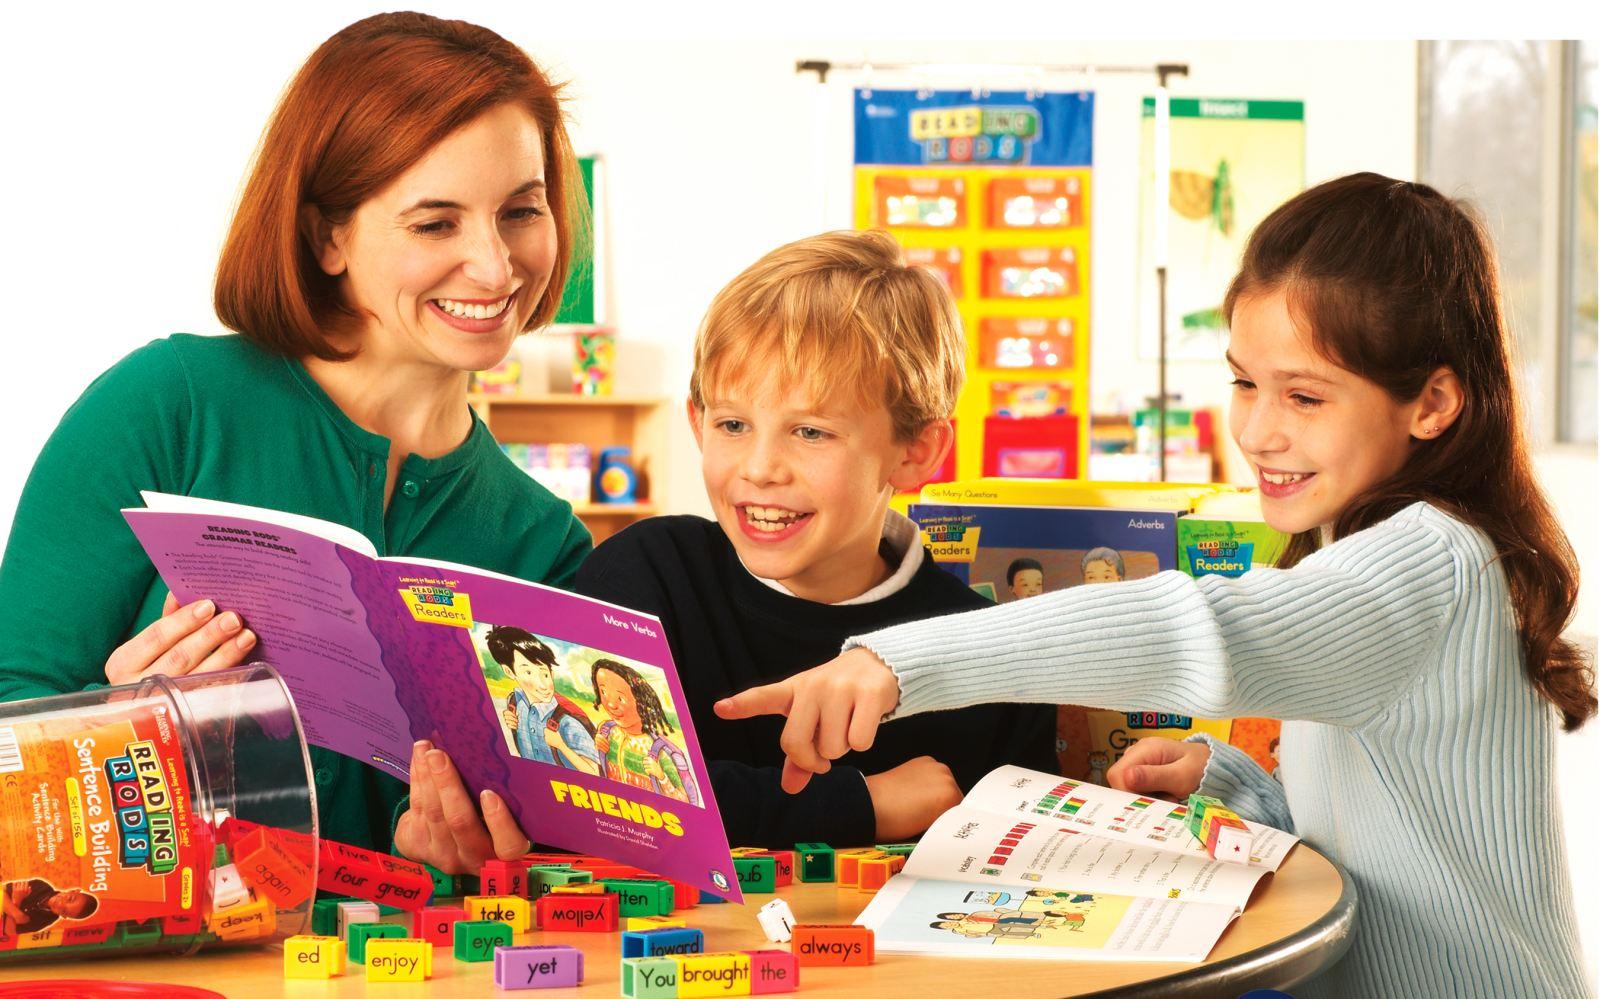 mở trung tâm tiếng anh cho trẻ em